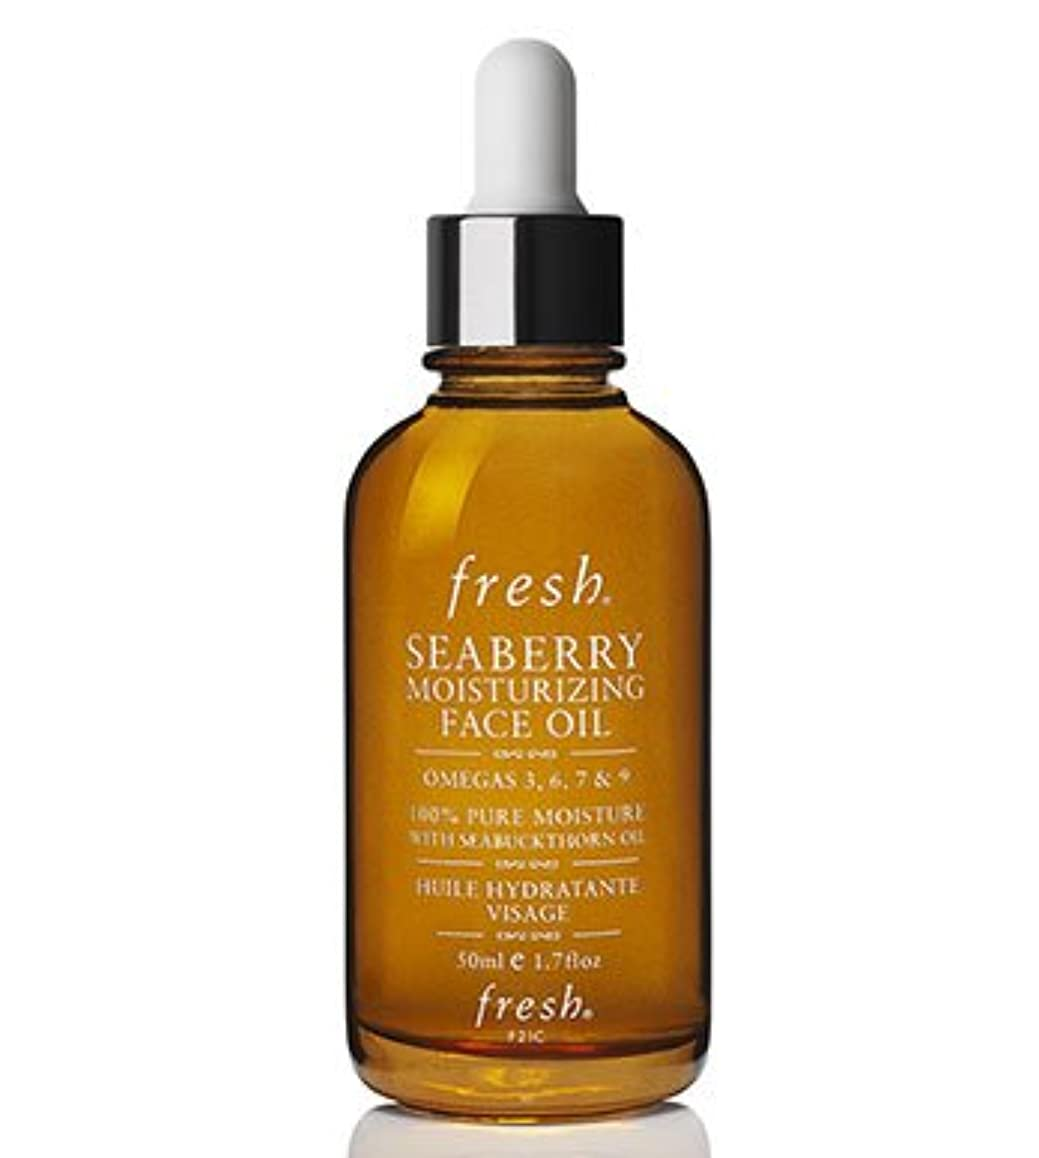 くま費やす北米Fresh  Seaberry Moisturizing Face Oil (フレッシュ シーベリー モイスチャライジング フェイスオイル) 1.7 oz (50ml)